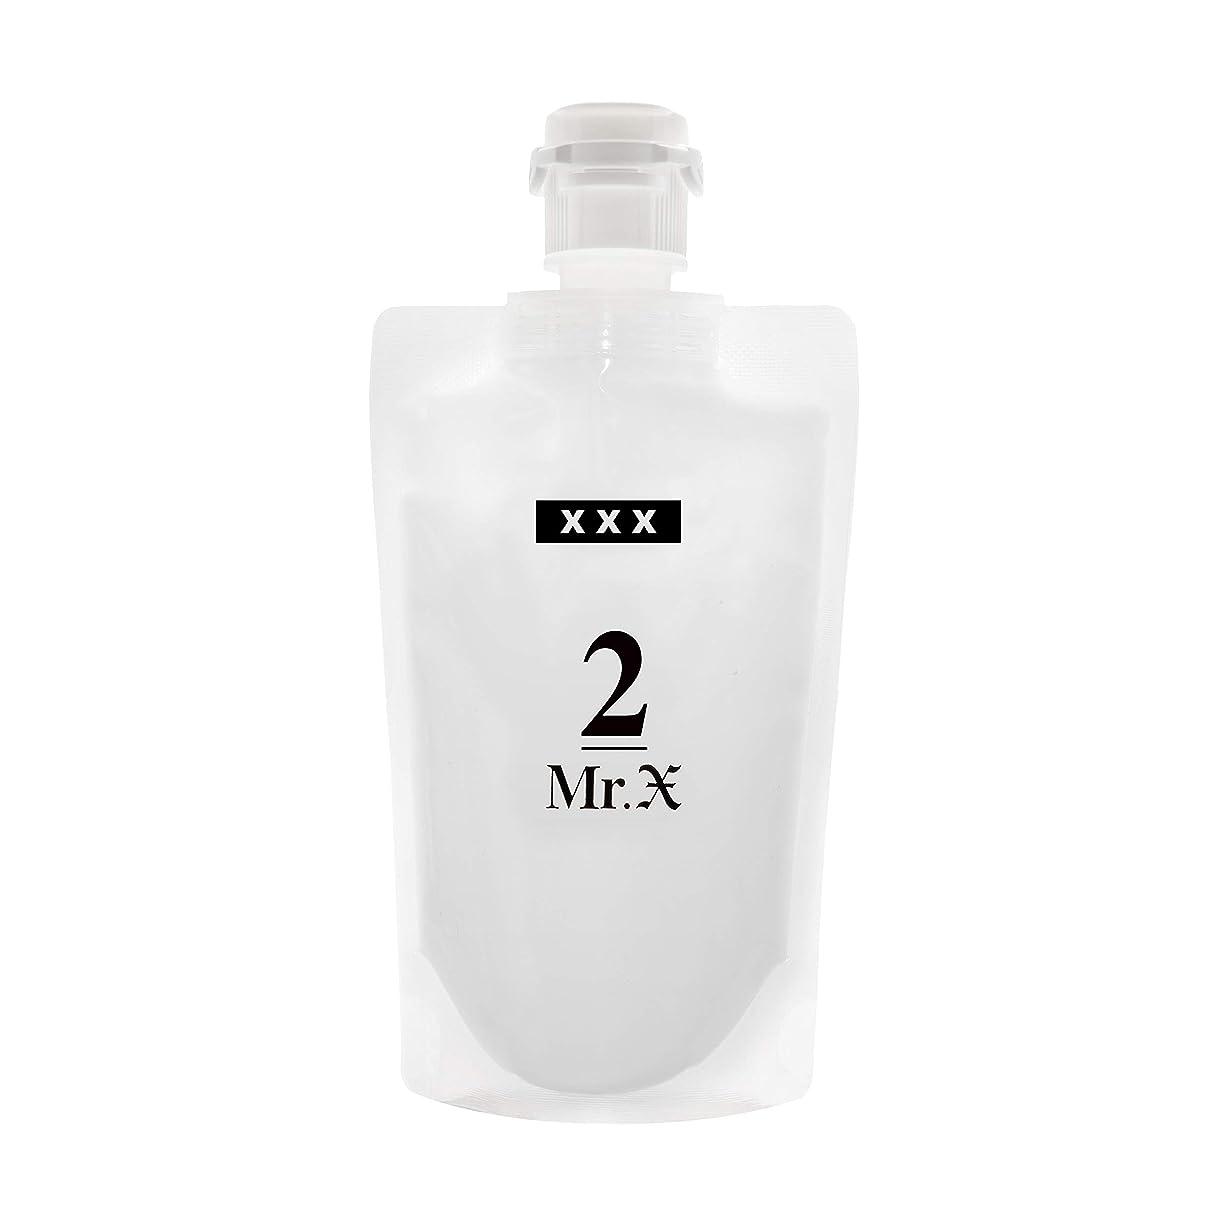 ナイトスポットシンジケート作詞家Mr.X 「2」MILKY LOTION ミスターエックス ミルキーローション (乳液) 130g メンズスキンケア